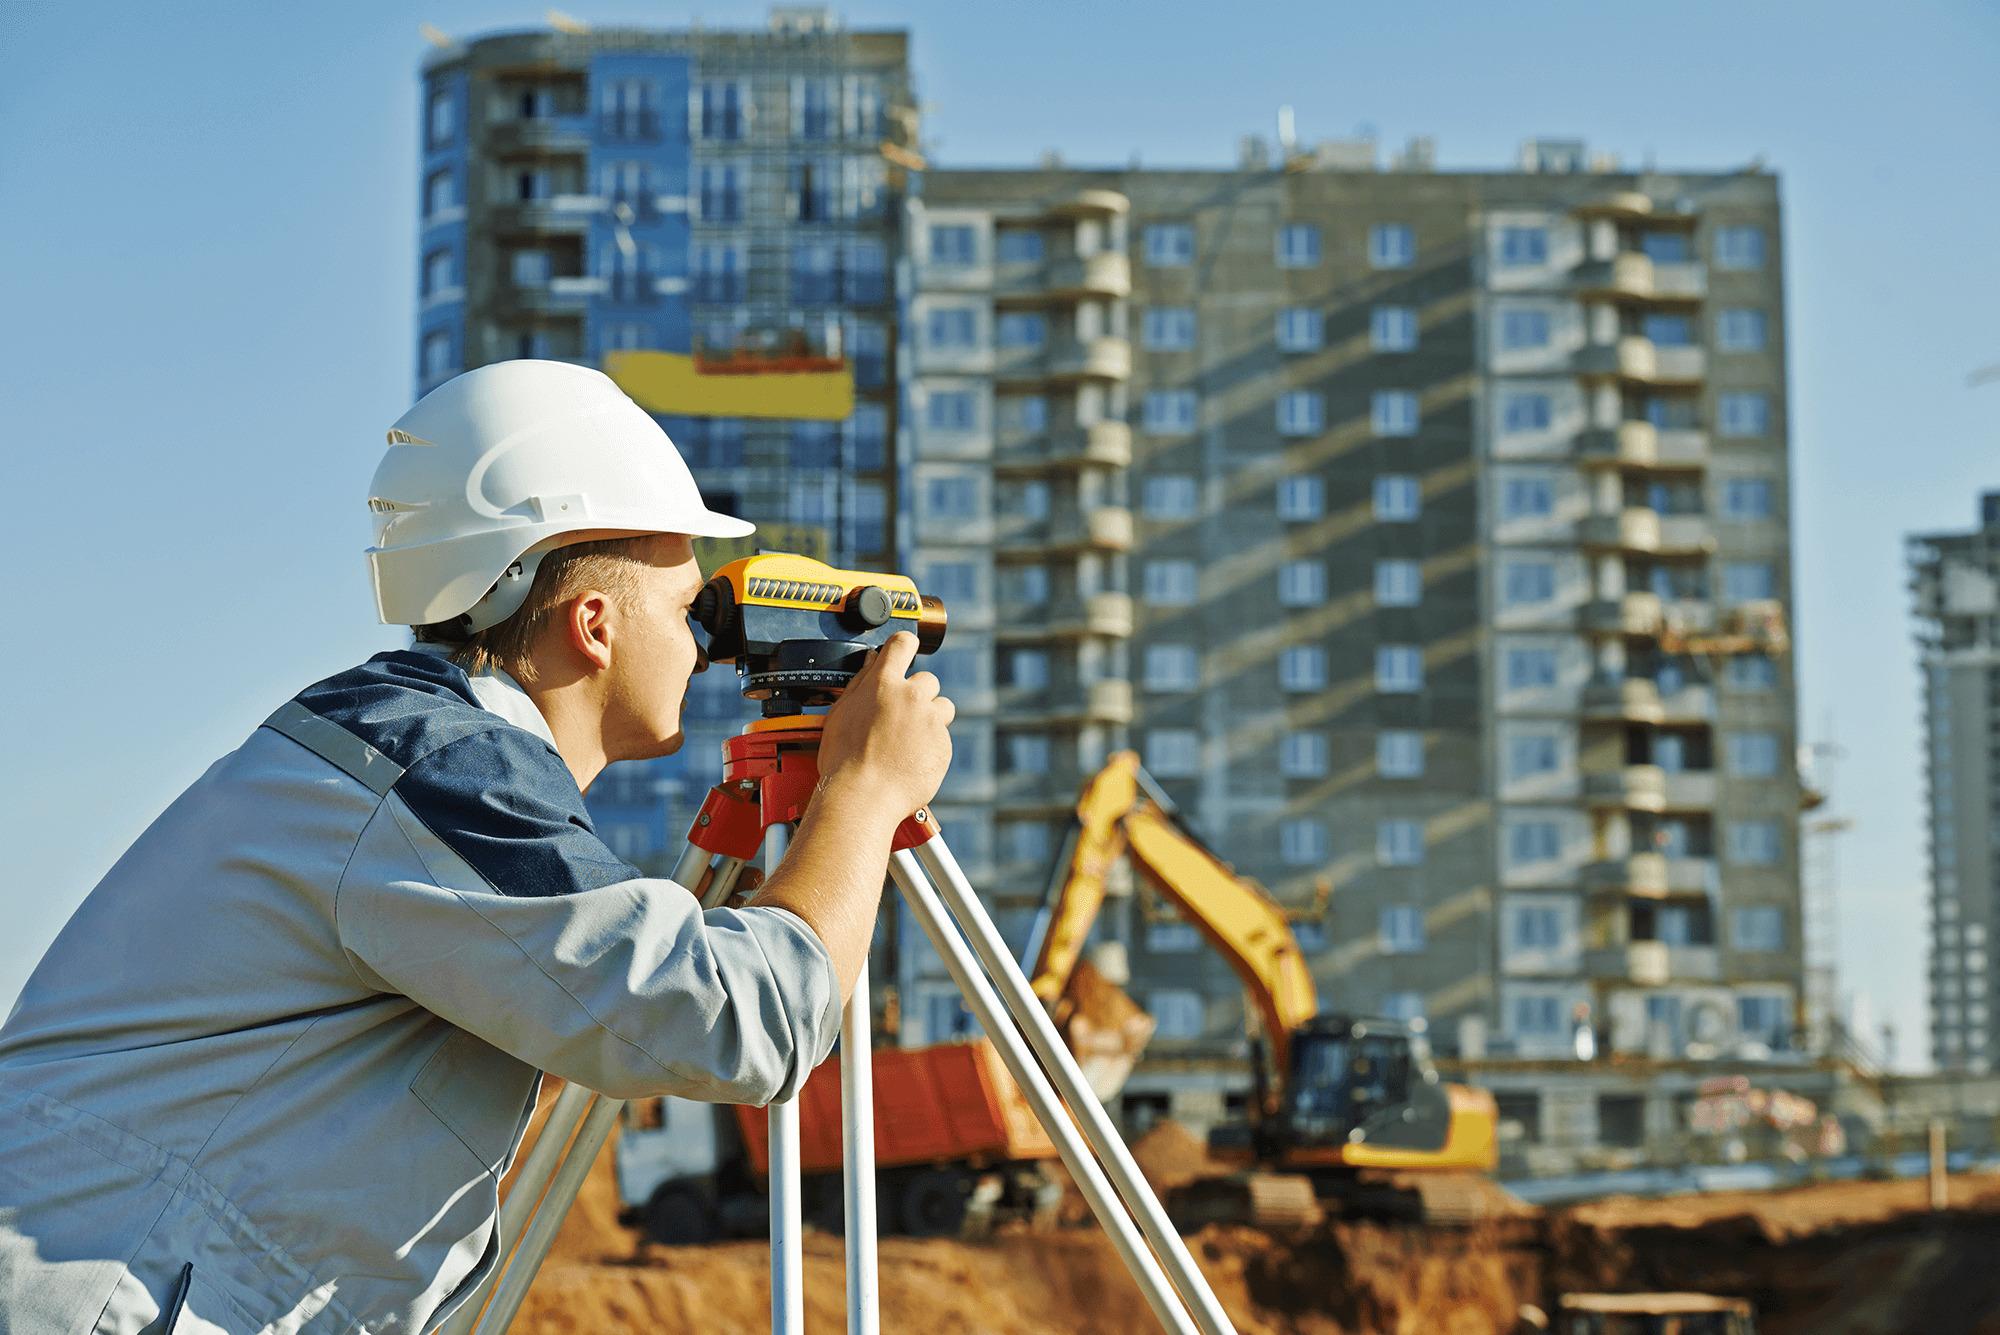 ТОП-5 услуг для строительства нежилых зданий в Москве